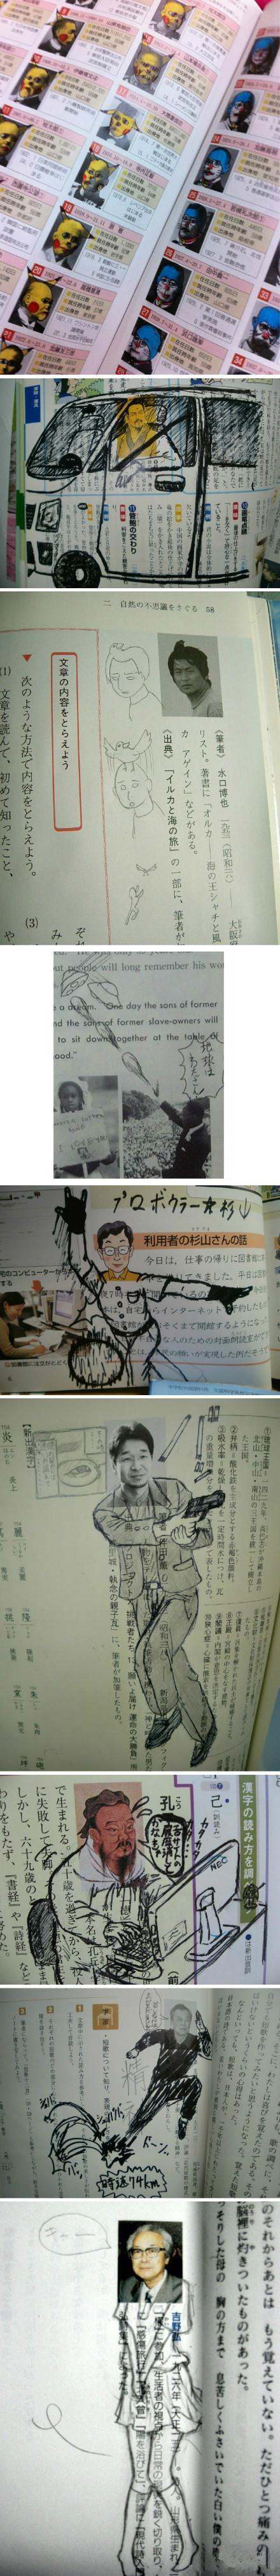 日本熊孩子们的历史教科书涂鸦~